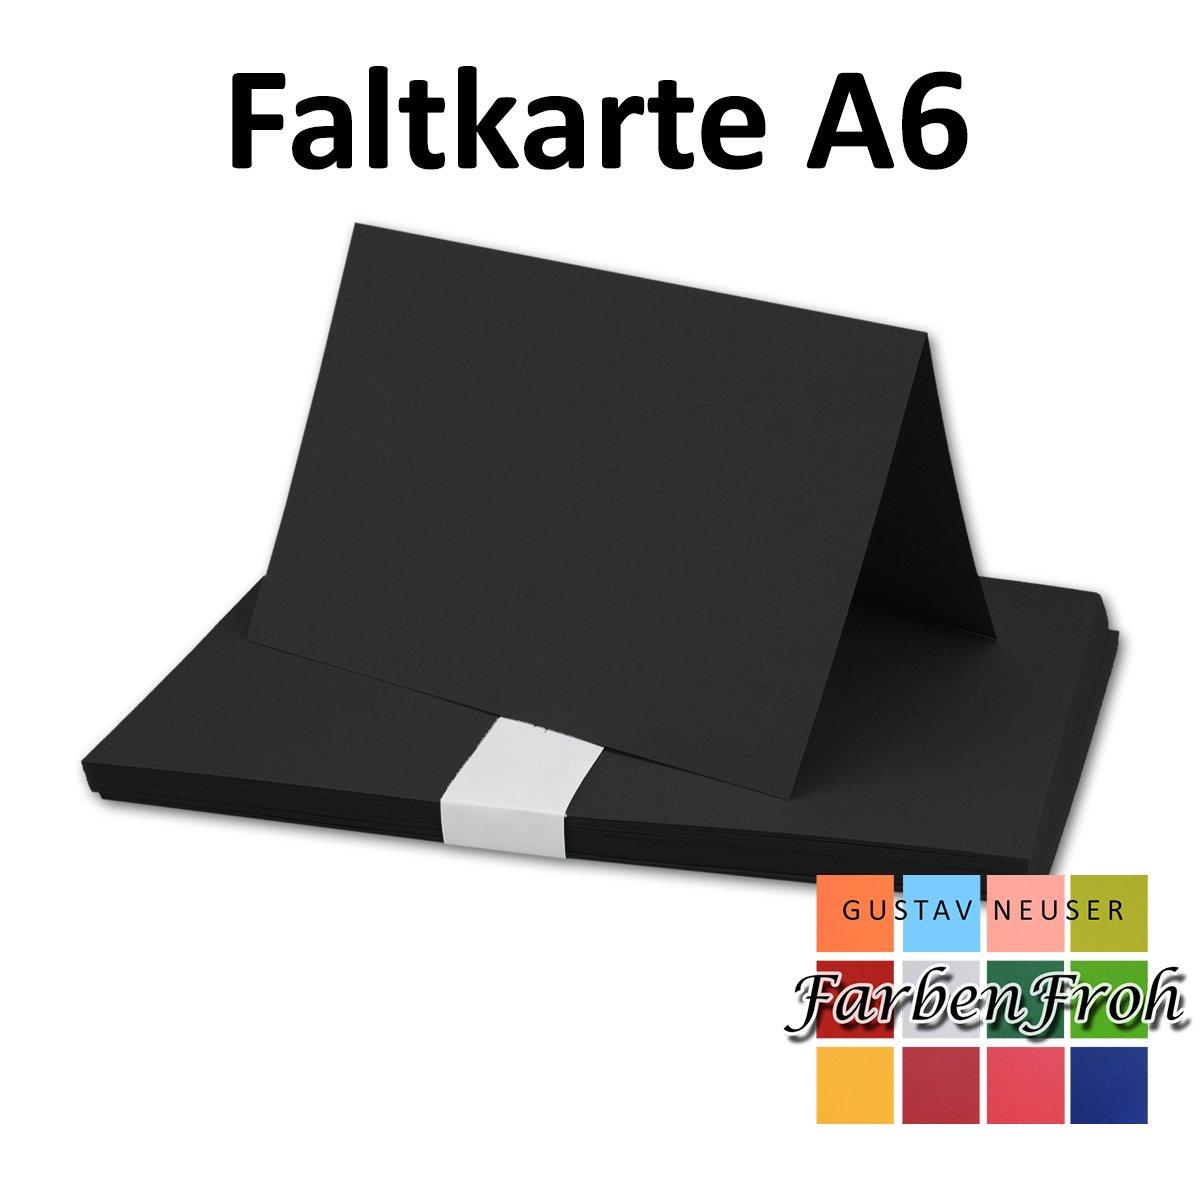 250x Falt-Karten Falt-Karten Falt-Karten DIN A6 Blanko Doppel-Karten in Hochweiß Kristallweiß -10,5 x 14,8 cm   Premium Qualität   FarbenFroh® B077H13H5C | Guter Markt  3749a8